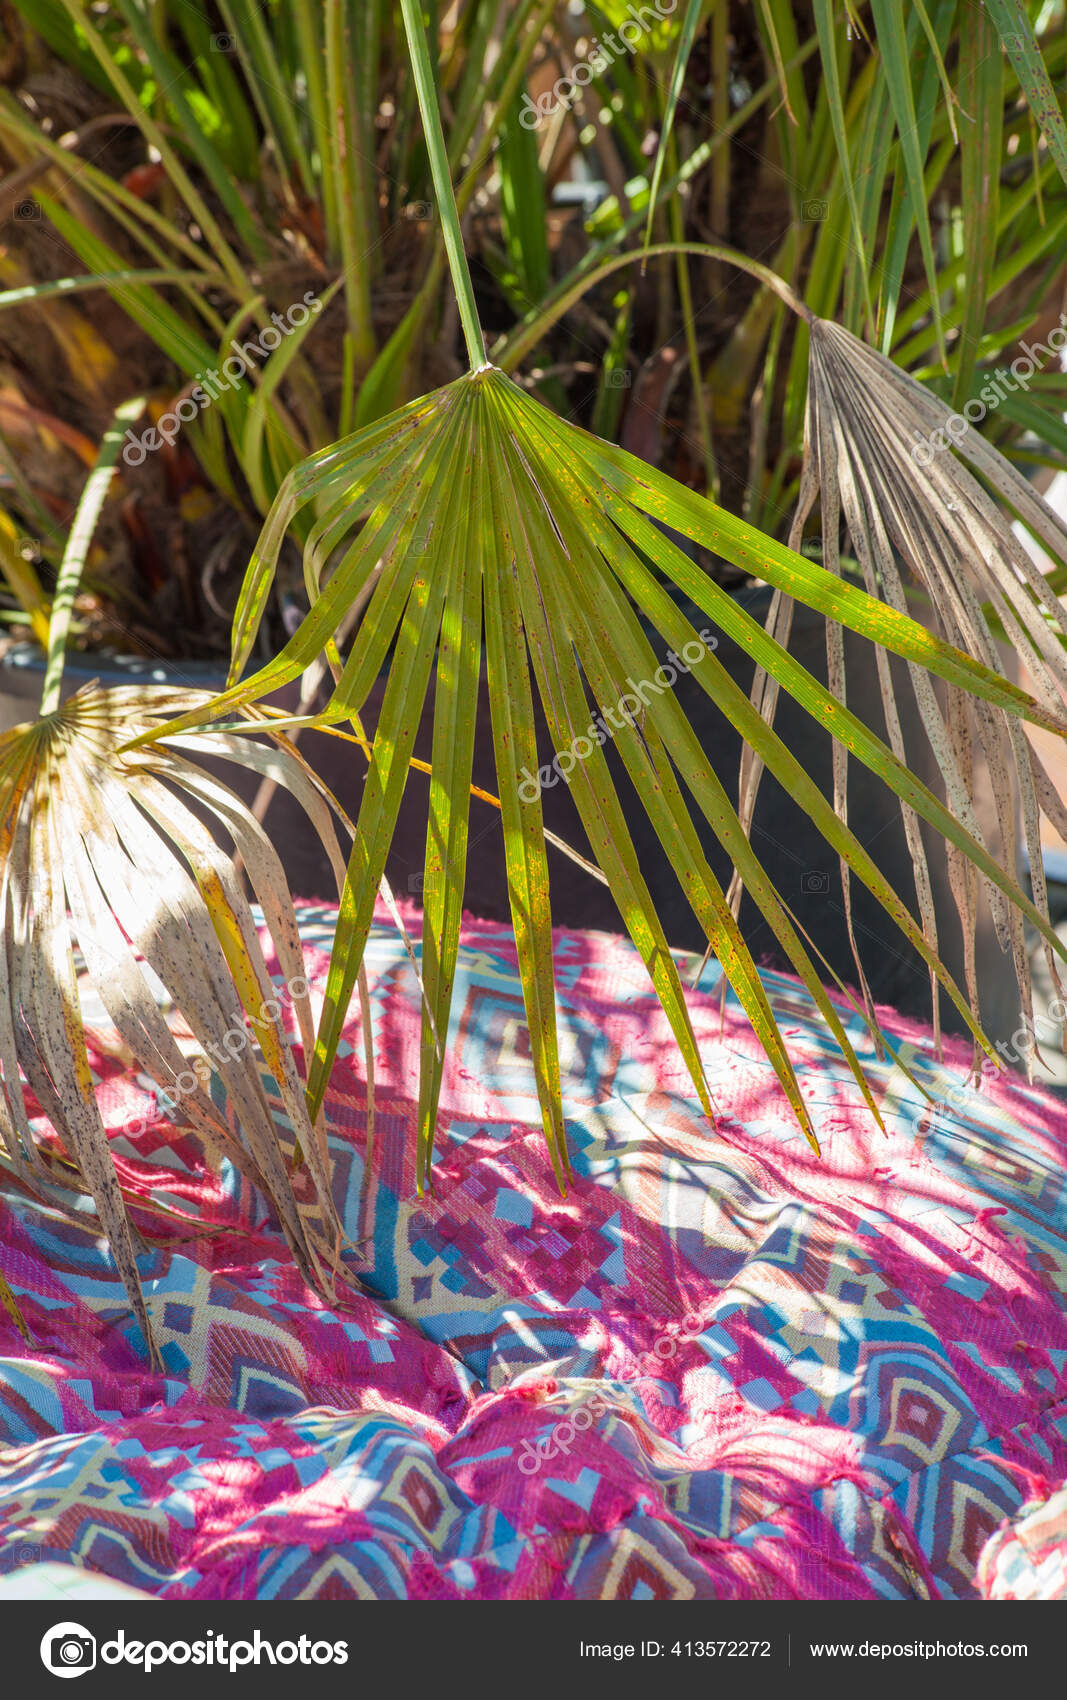 Boho Style Colorful Ottoman Pouf Garden Outdoor Decor Stock Photo C Cokacoka 413572272